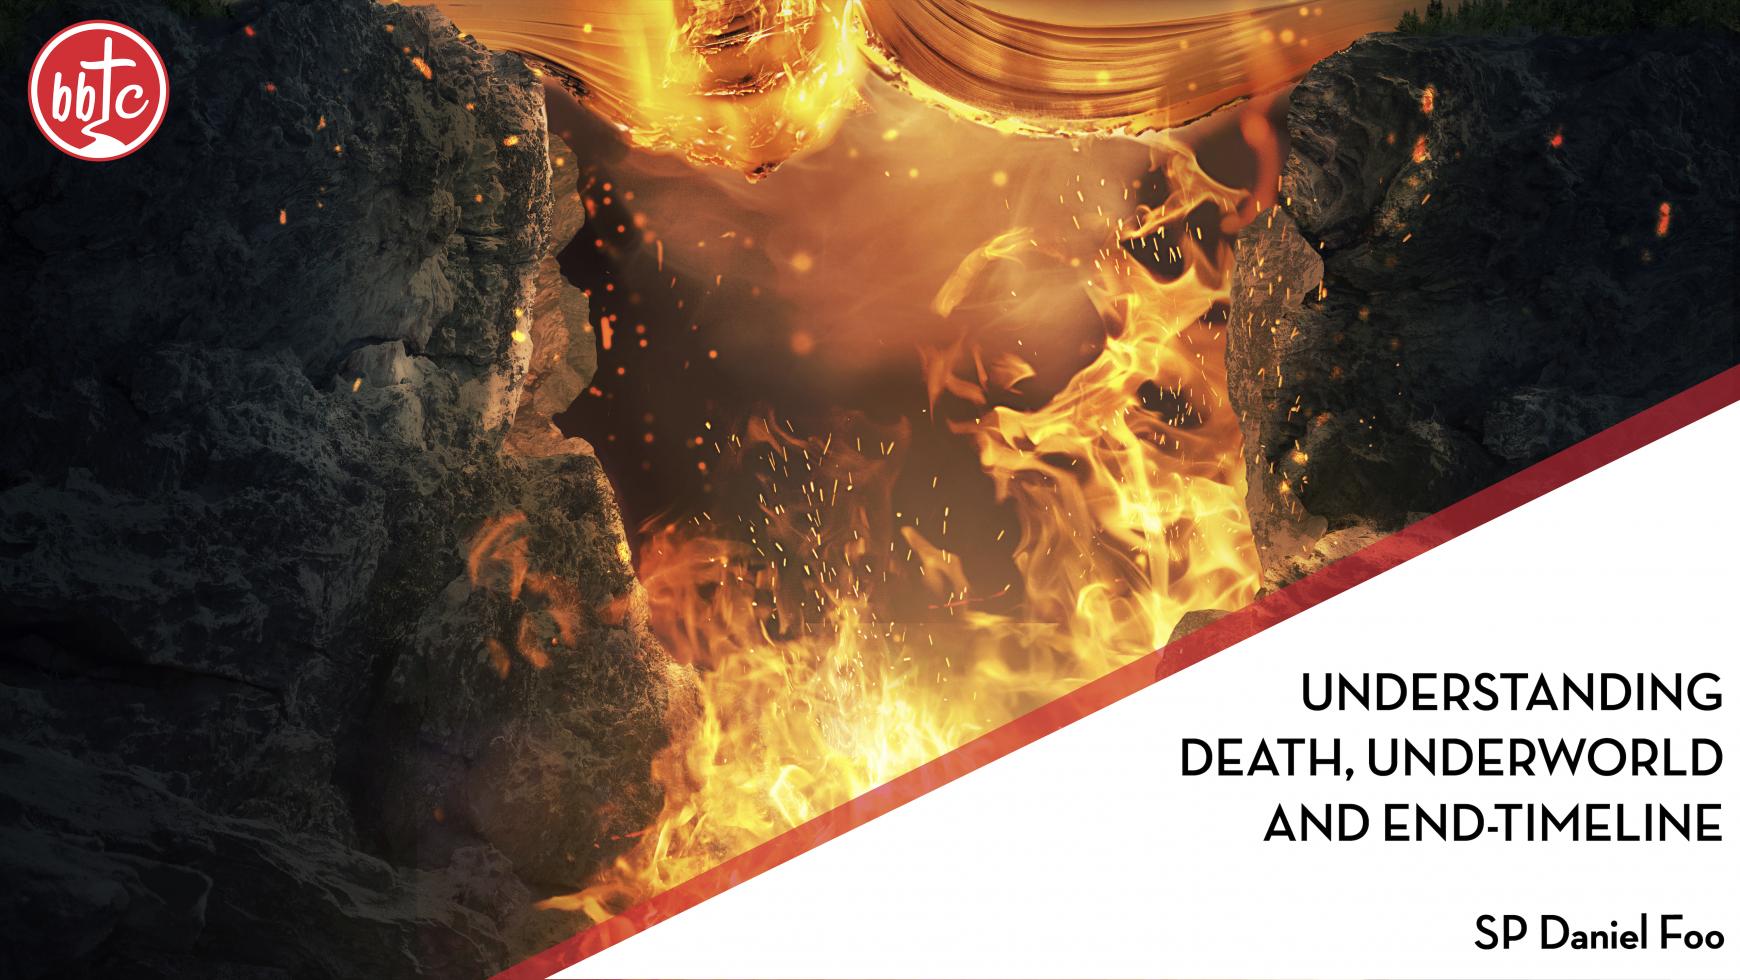 Understanding Death, Underworld and End-Timeline